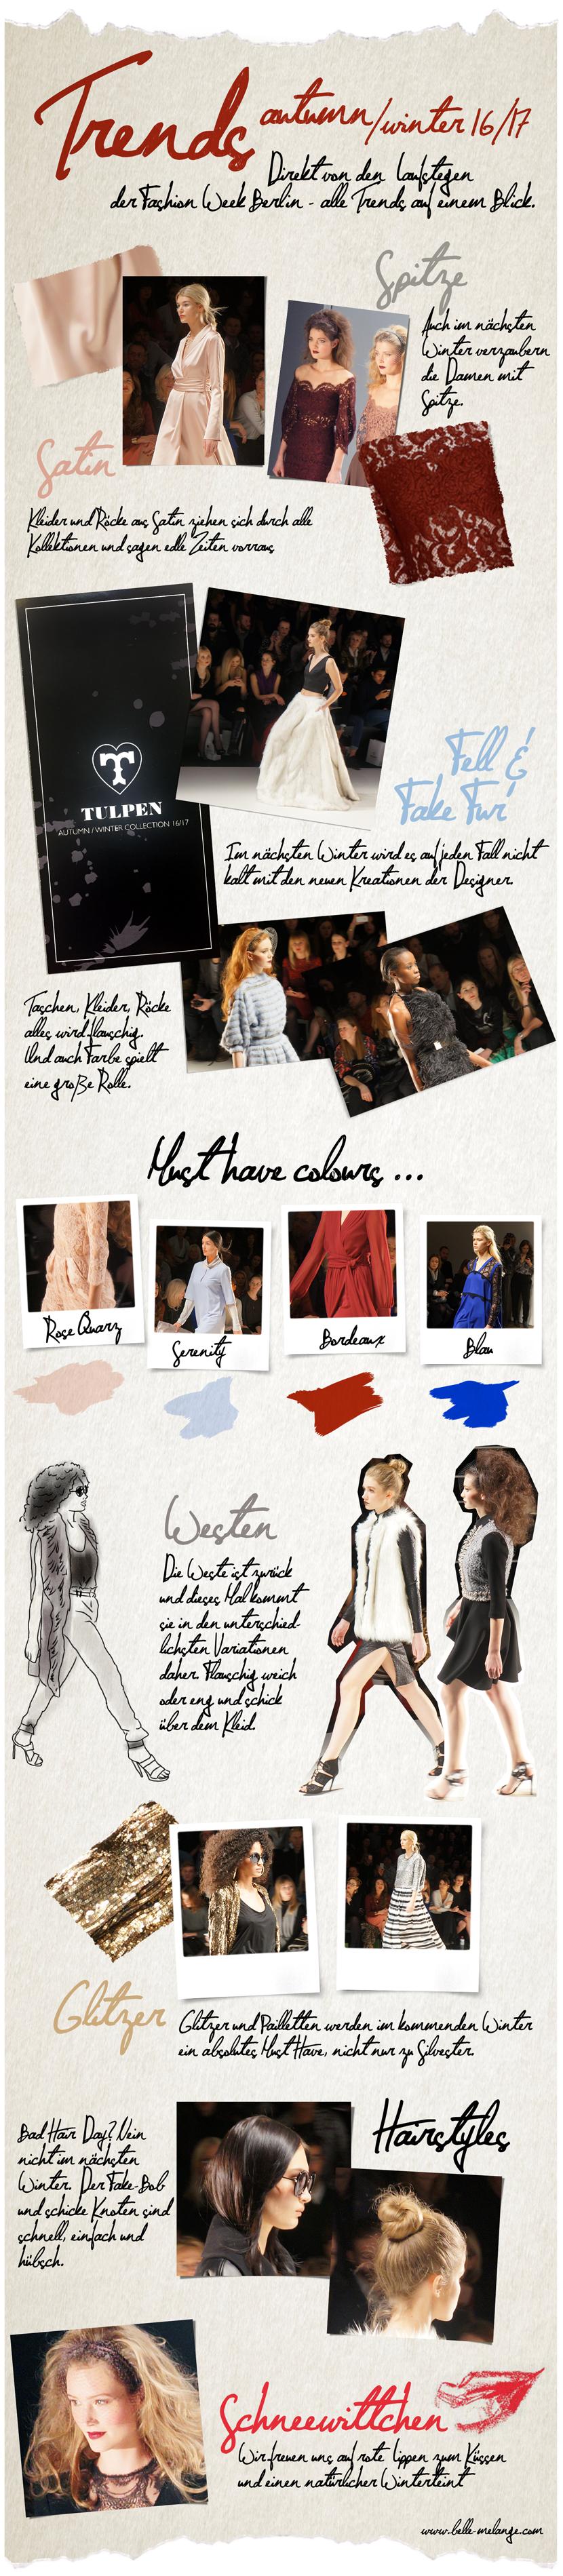 Trends-Herbst-Winter-2016-FashionWeekBerlin-MBFW-Collage-BelleMelange2